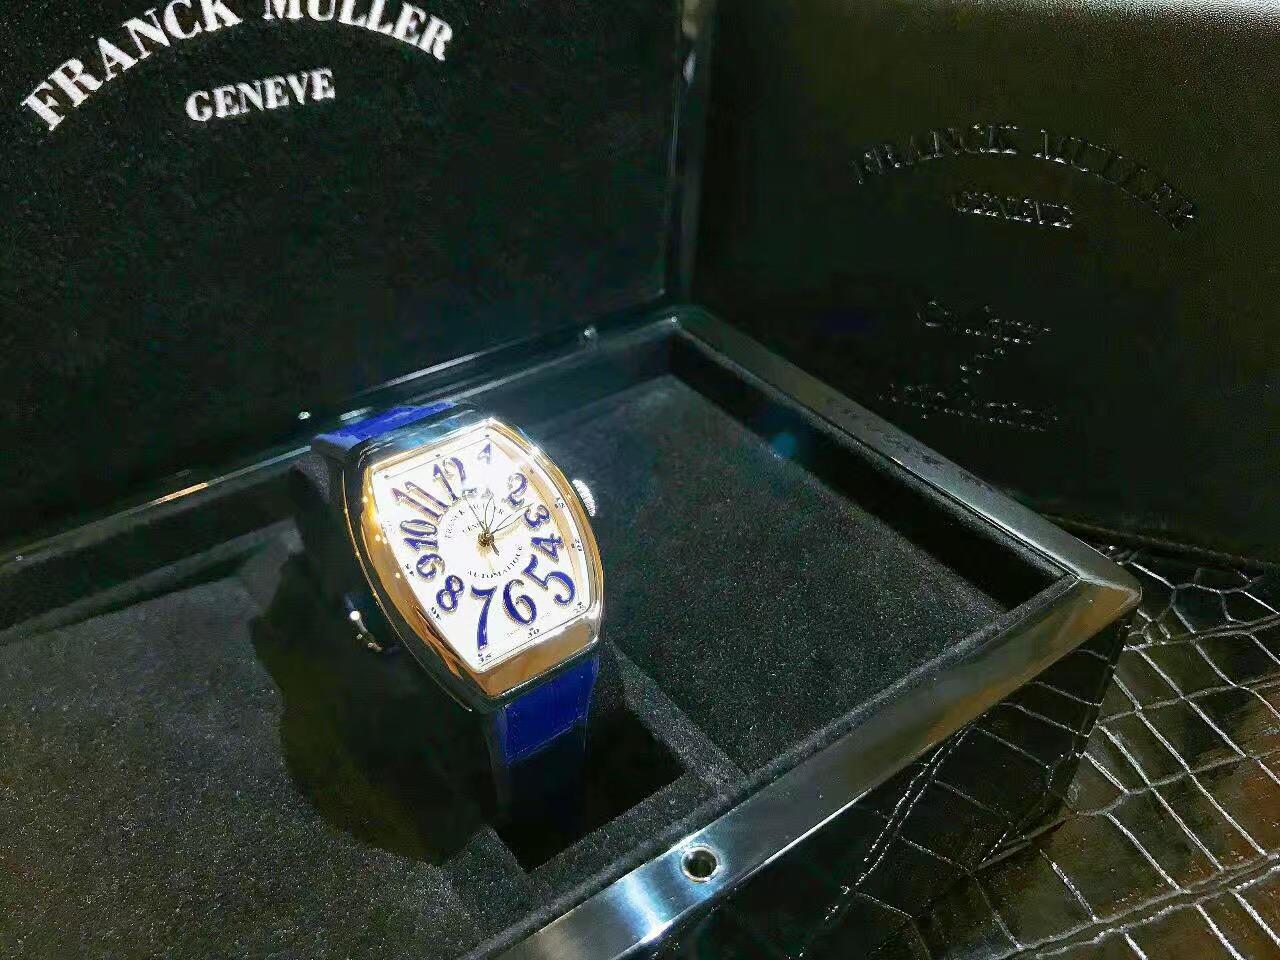 【新品】FRANCK MULLER/フランクミュラー V32 SC AT FO AC BU ホワイトスチール ブルー 自動巻きレーディス腕時計 #FM0016